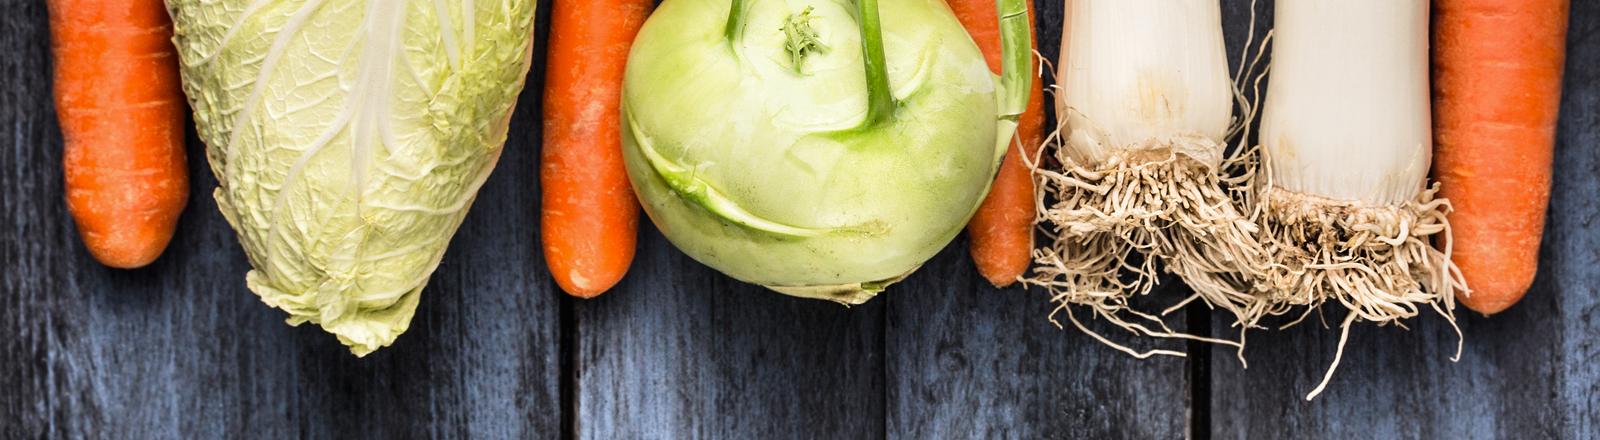 Gemüse auf Holztisch